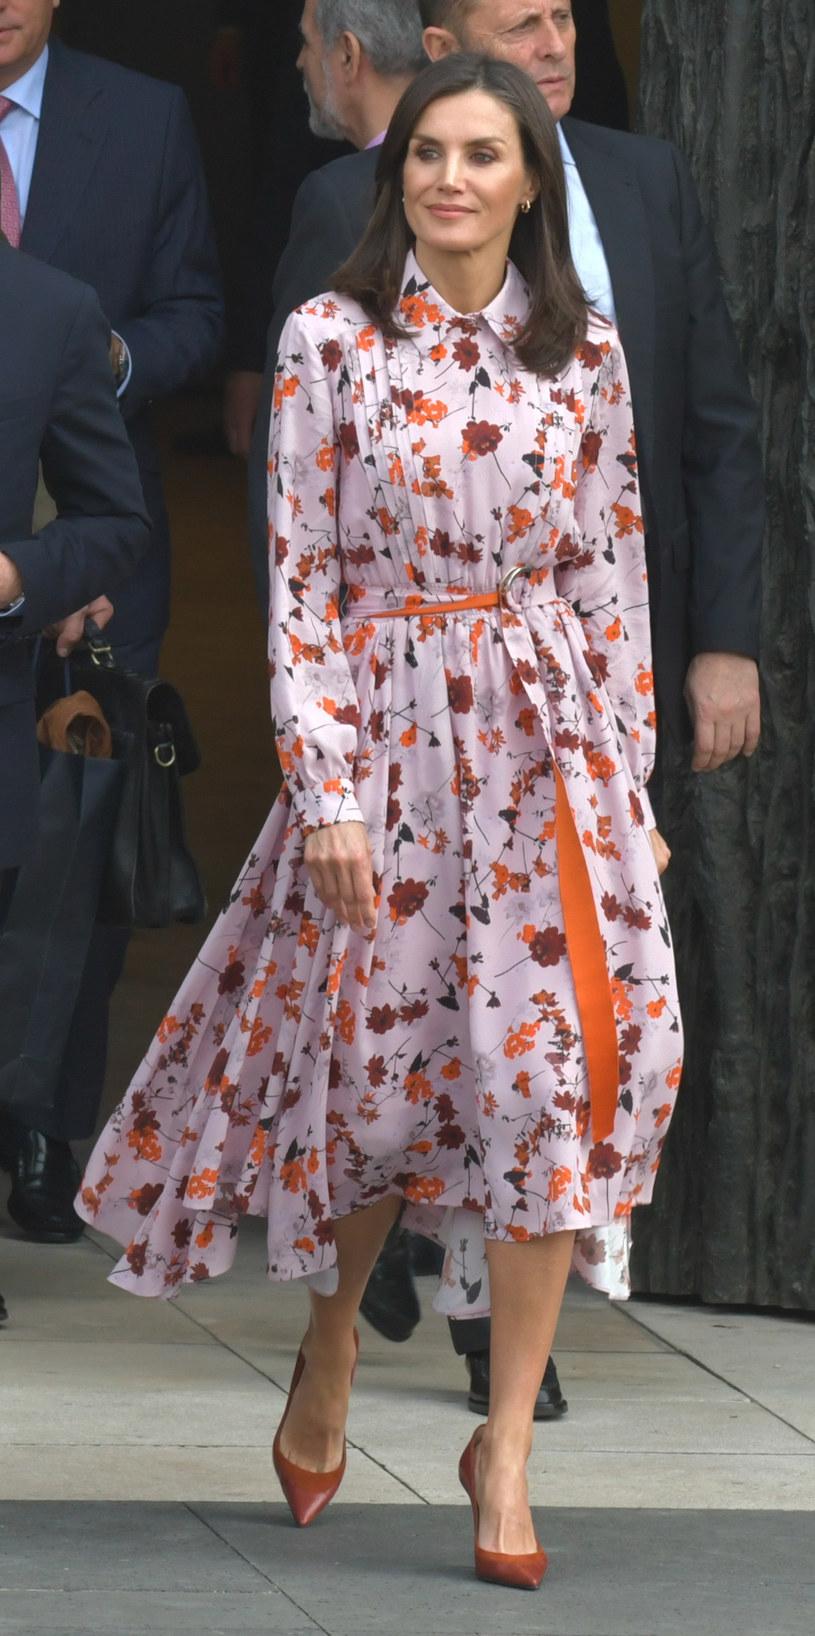 Królowa Letizia uwielbia klasyczne sukienki, które podkreślają jej zgrabną sylwetkę /Europa Press Entertainment / Contributor /Getty Images